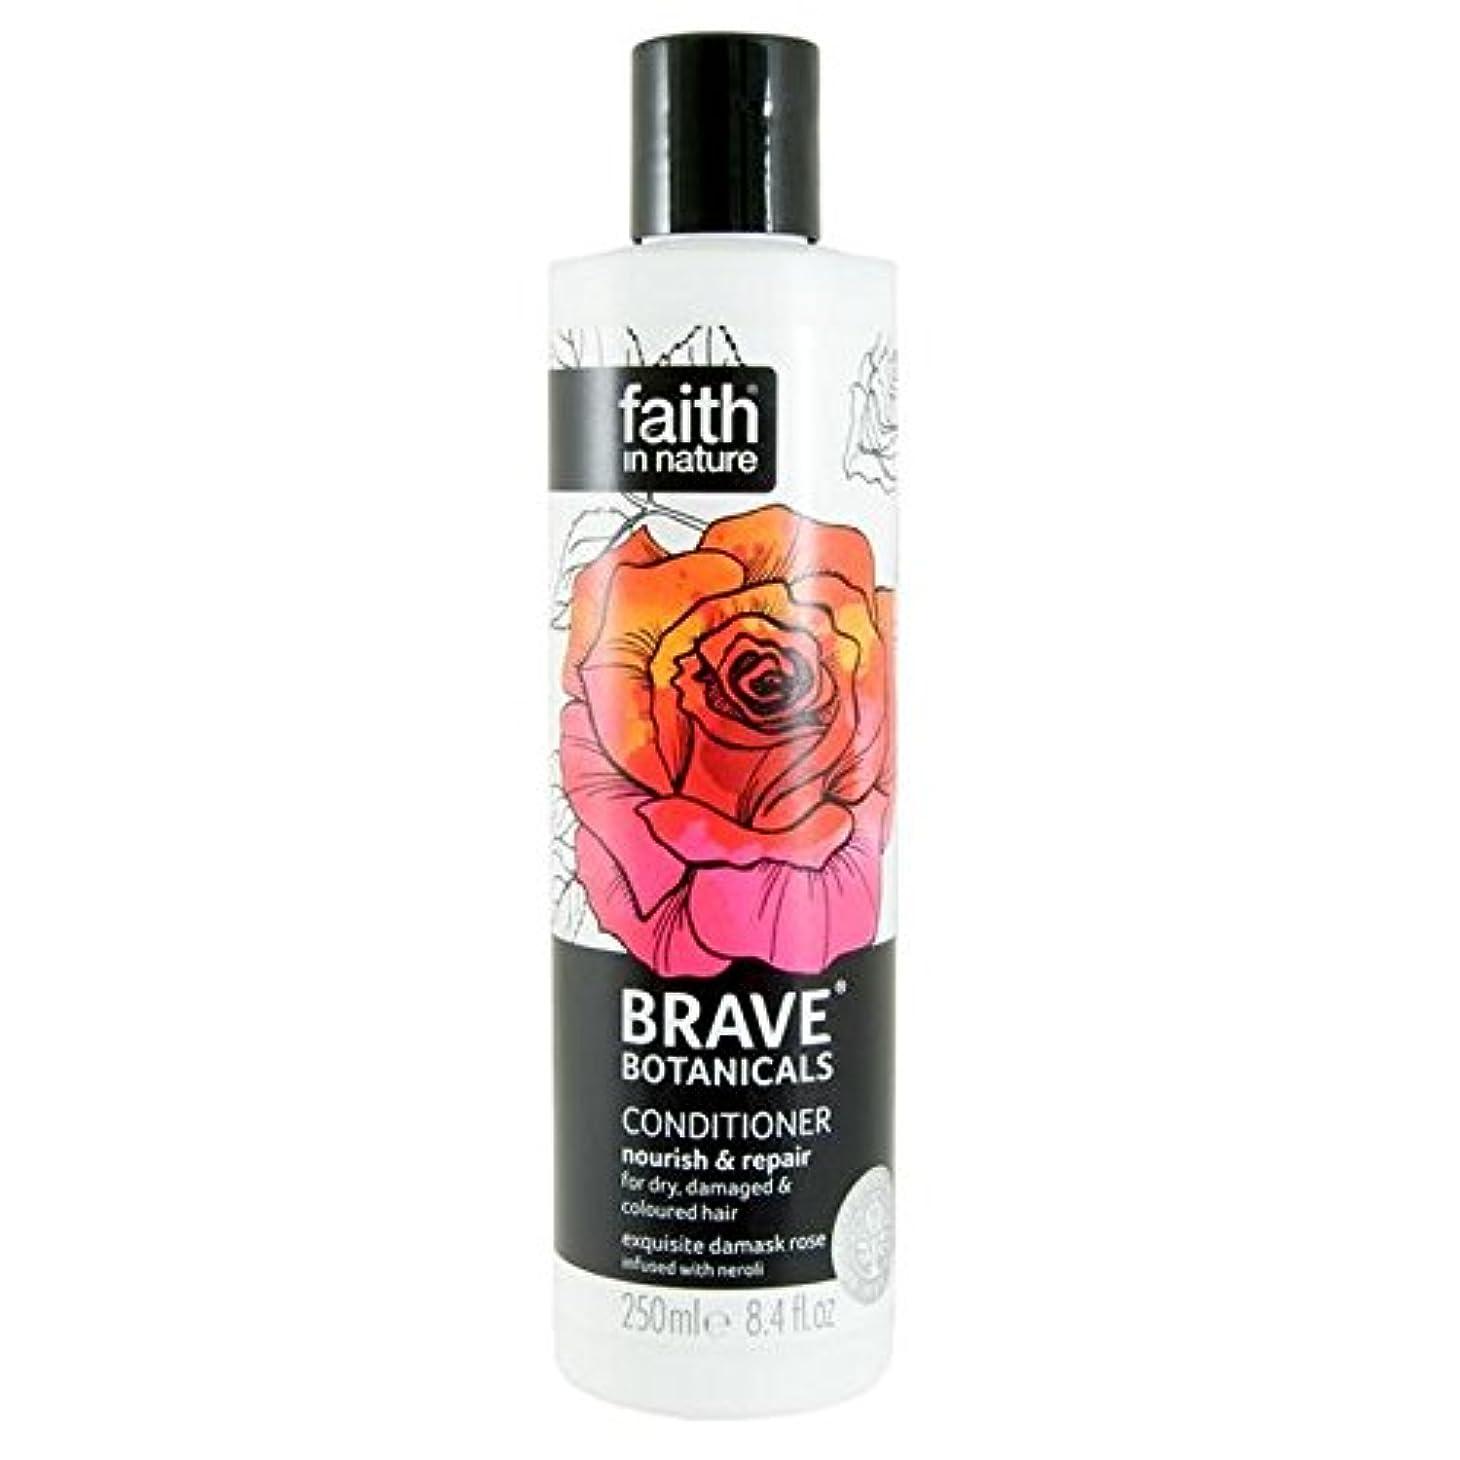 友だち望み意欲Brave Botanicals Rose & Neroli Nourish & Repair Conditioner 250ml - (Faith In Nature) 勇敢な植物は、ローズ&ネロリは養う&リペアコンディショナー...